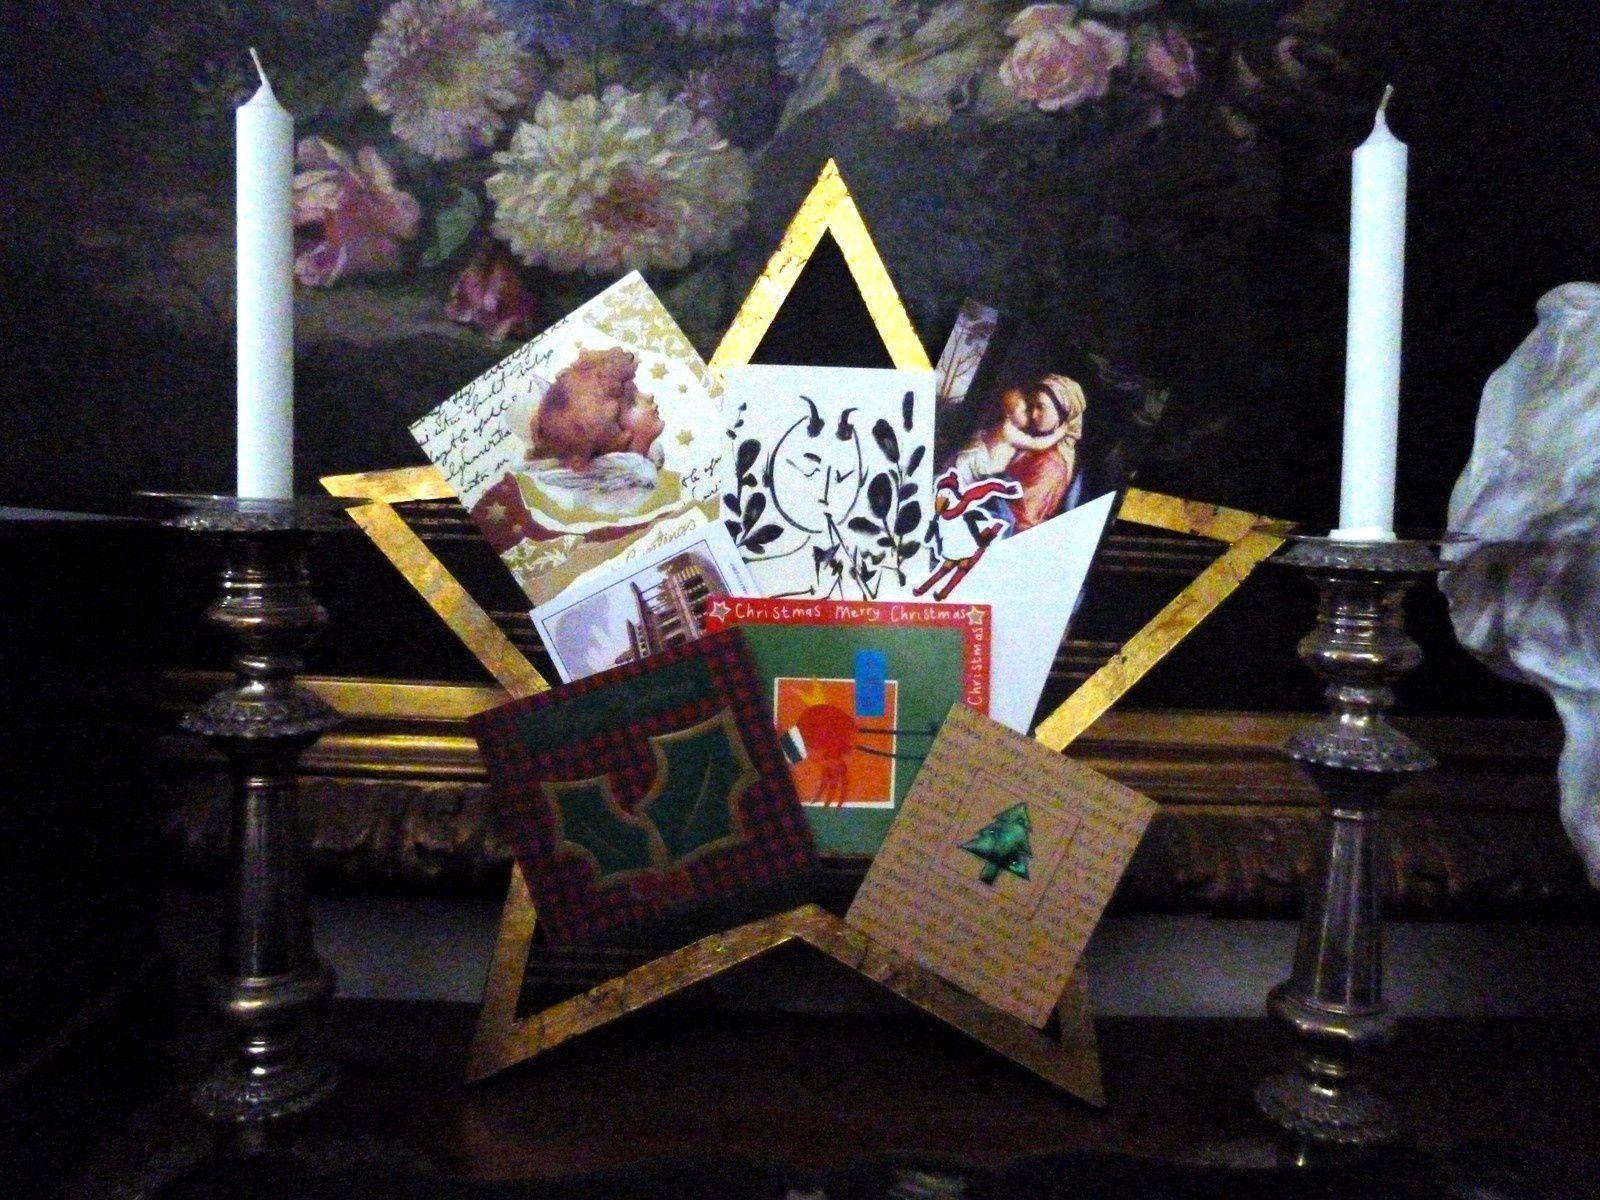 Gros plan sur l'étoile pèle-mêle, recueil de cartes de voeux